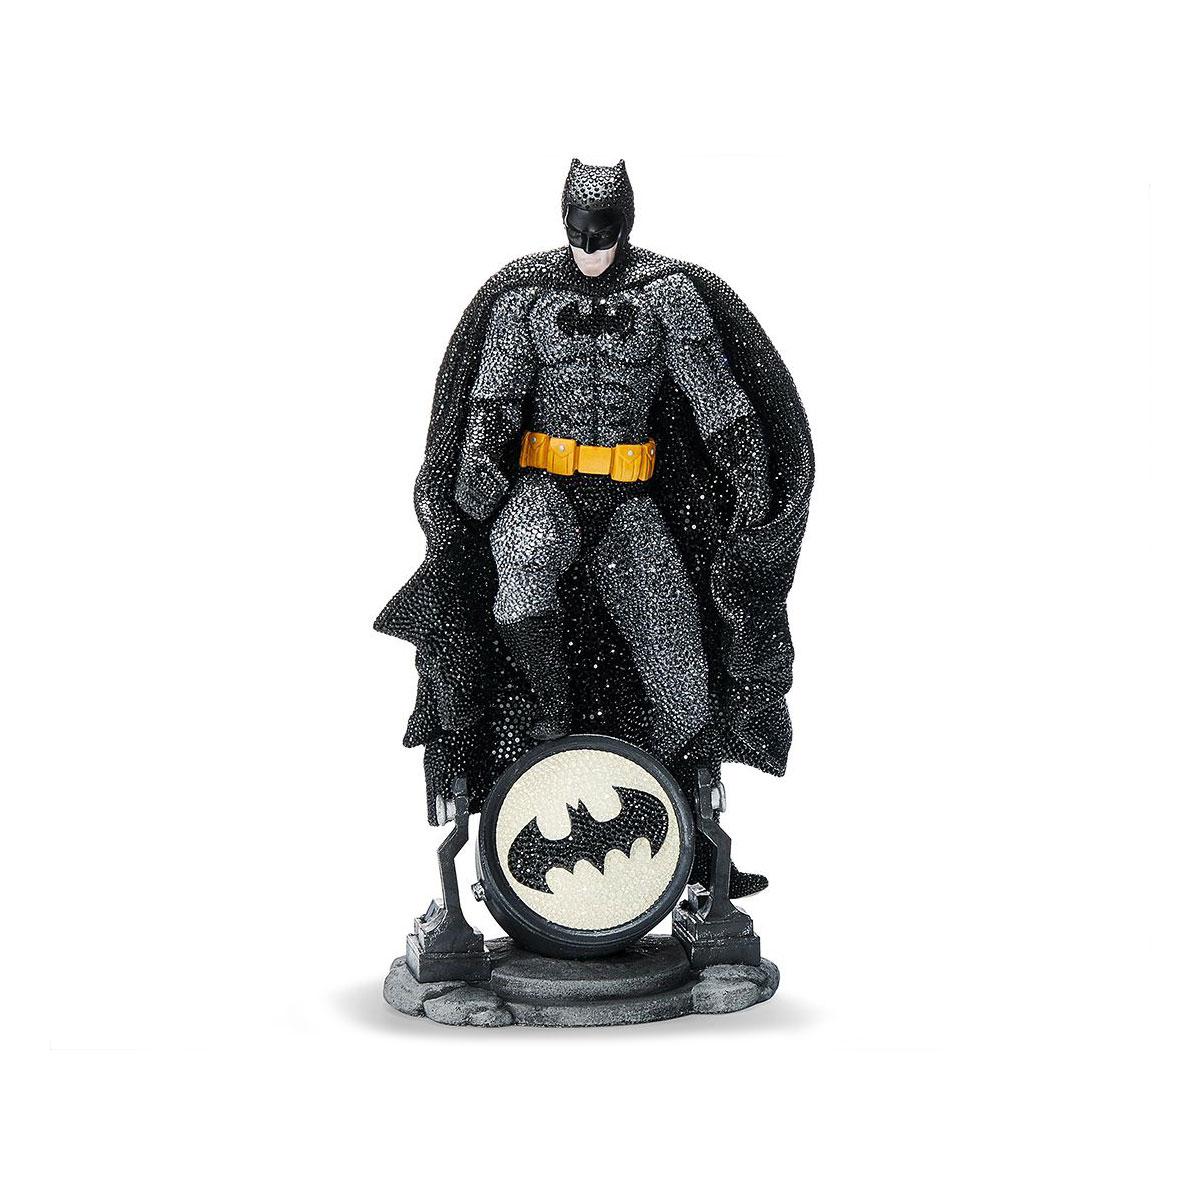 Swarovski Myriad Batman, Large, Limited Edition